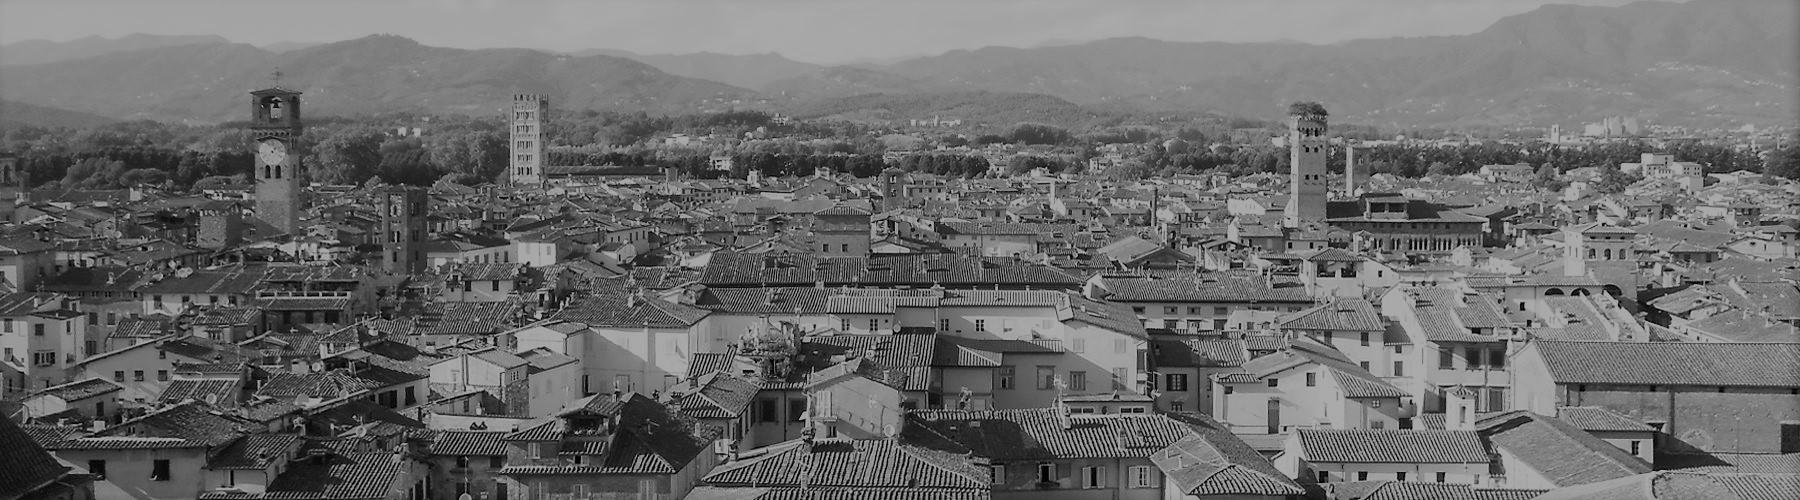 La storia di Lucca